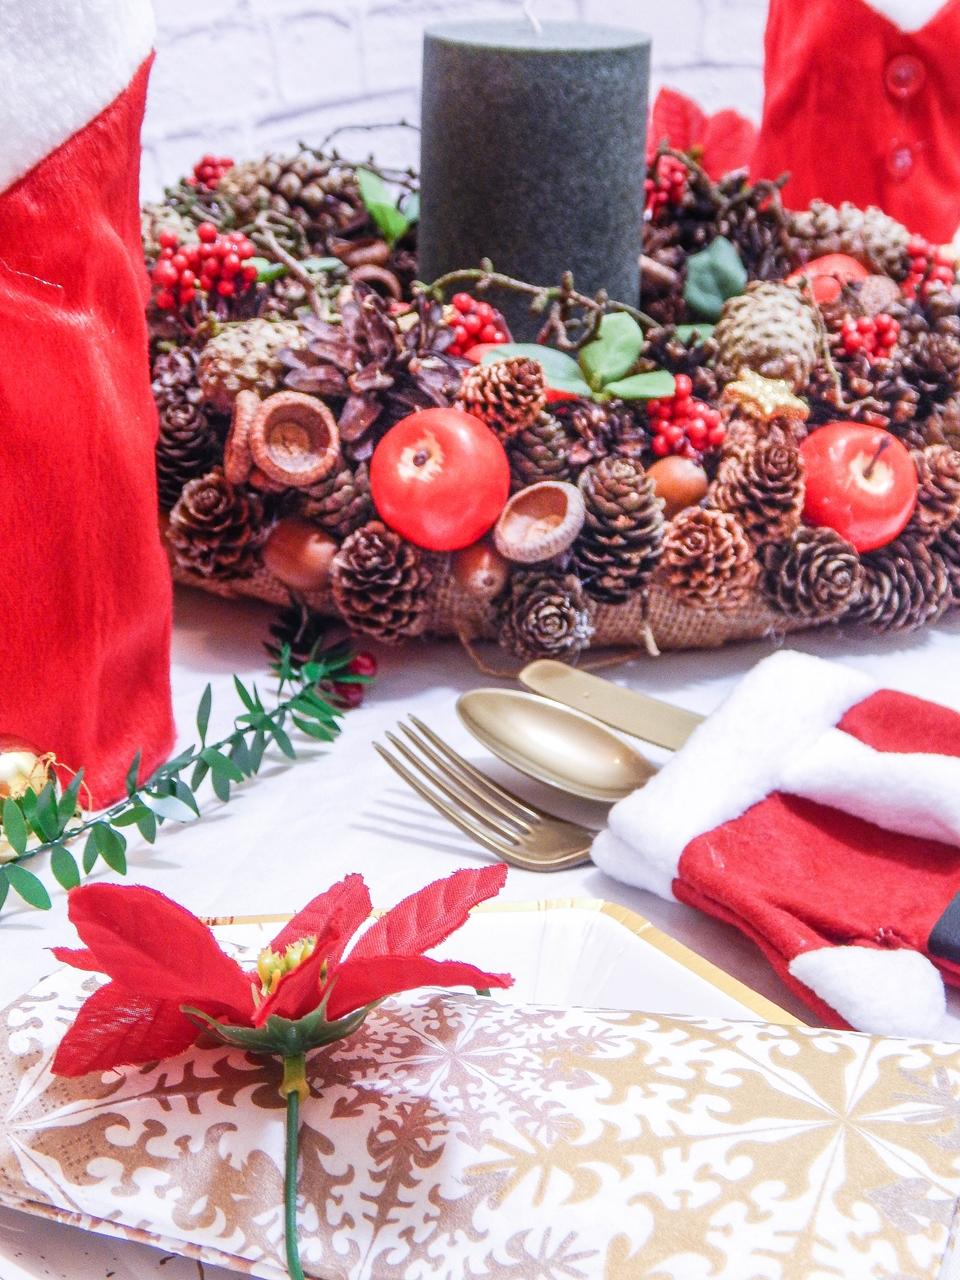 12 dekoracja świątecznego stołu jak udekorować stół na boże narodzenie dekoracja kolacja wigilijna dekoracja stroik na stół wigilijny wianek świeczka mikołajowe ubrania na butelki mikołaje na sztućce